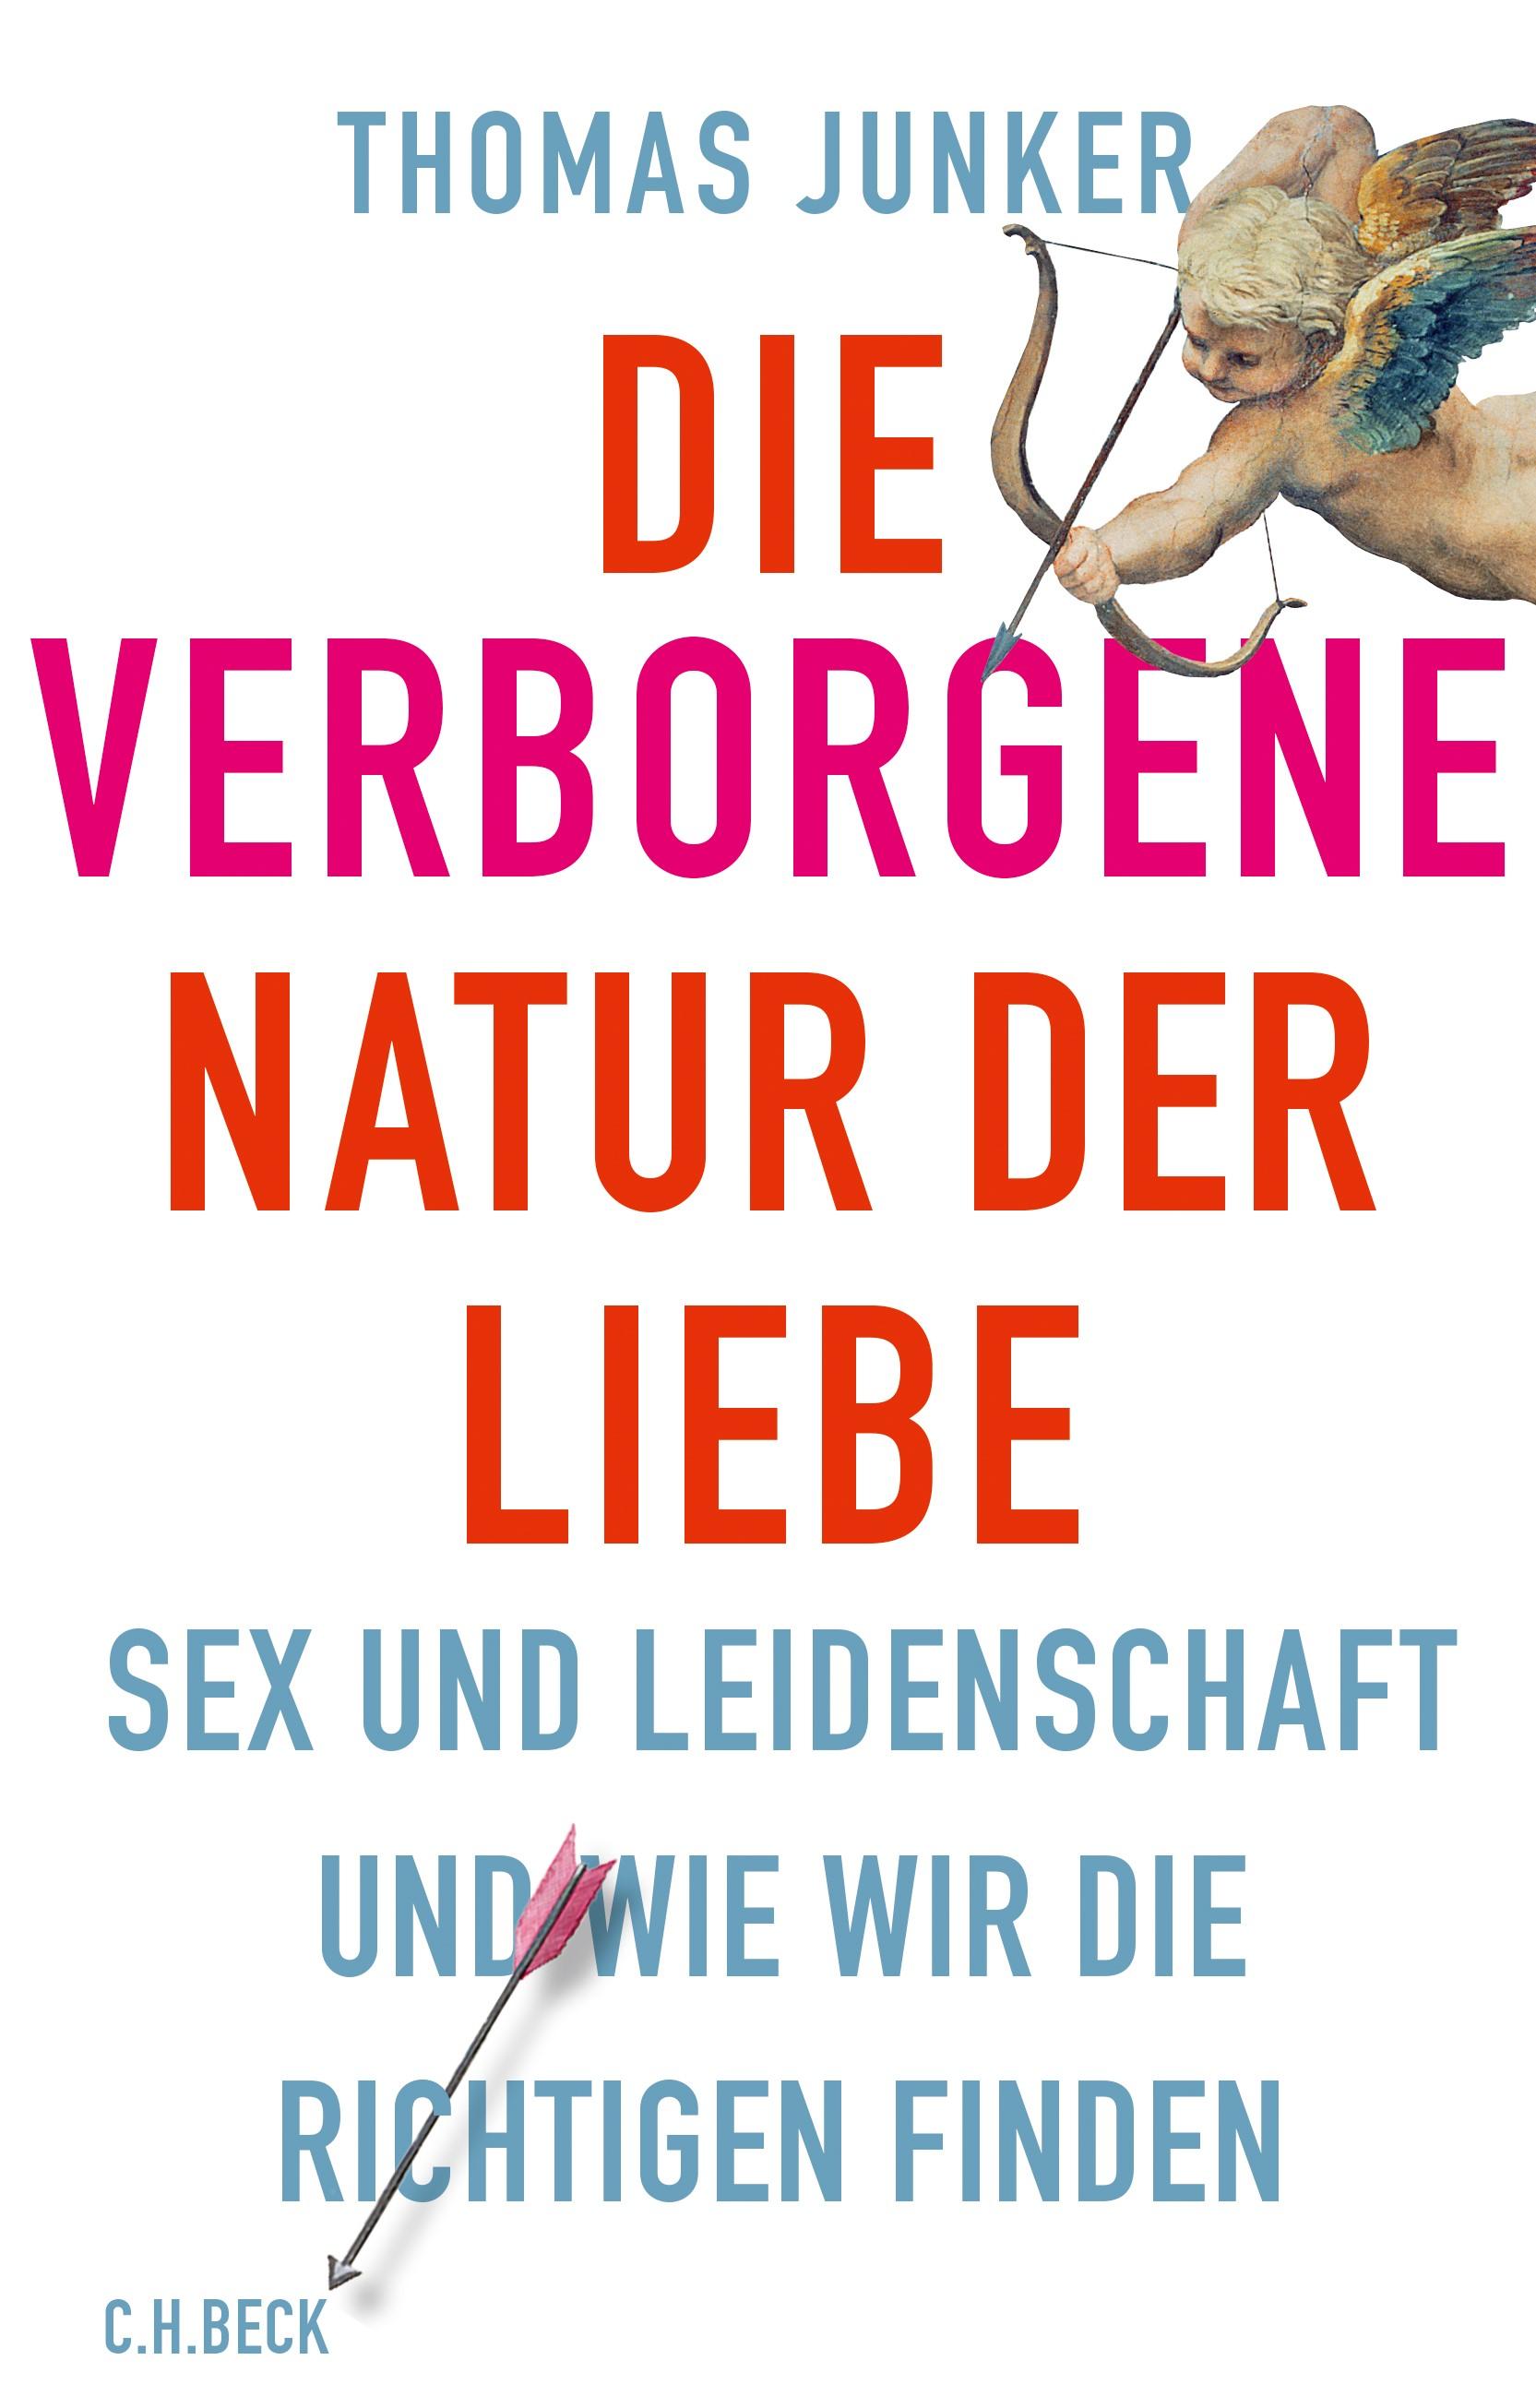 Cover des Buches 'Die verborgene Natur der Liebe'